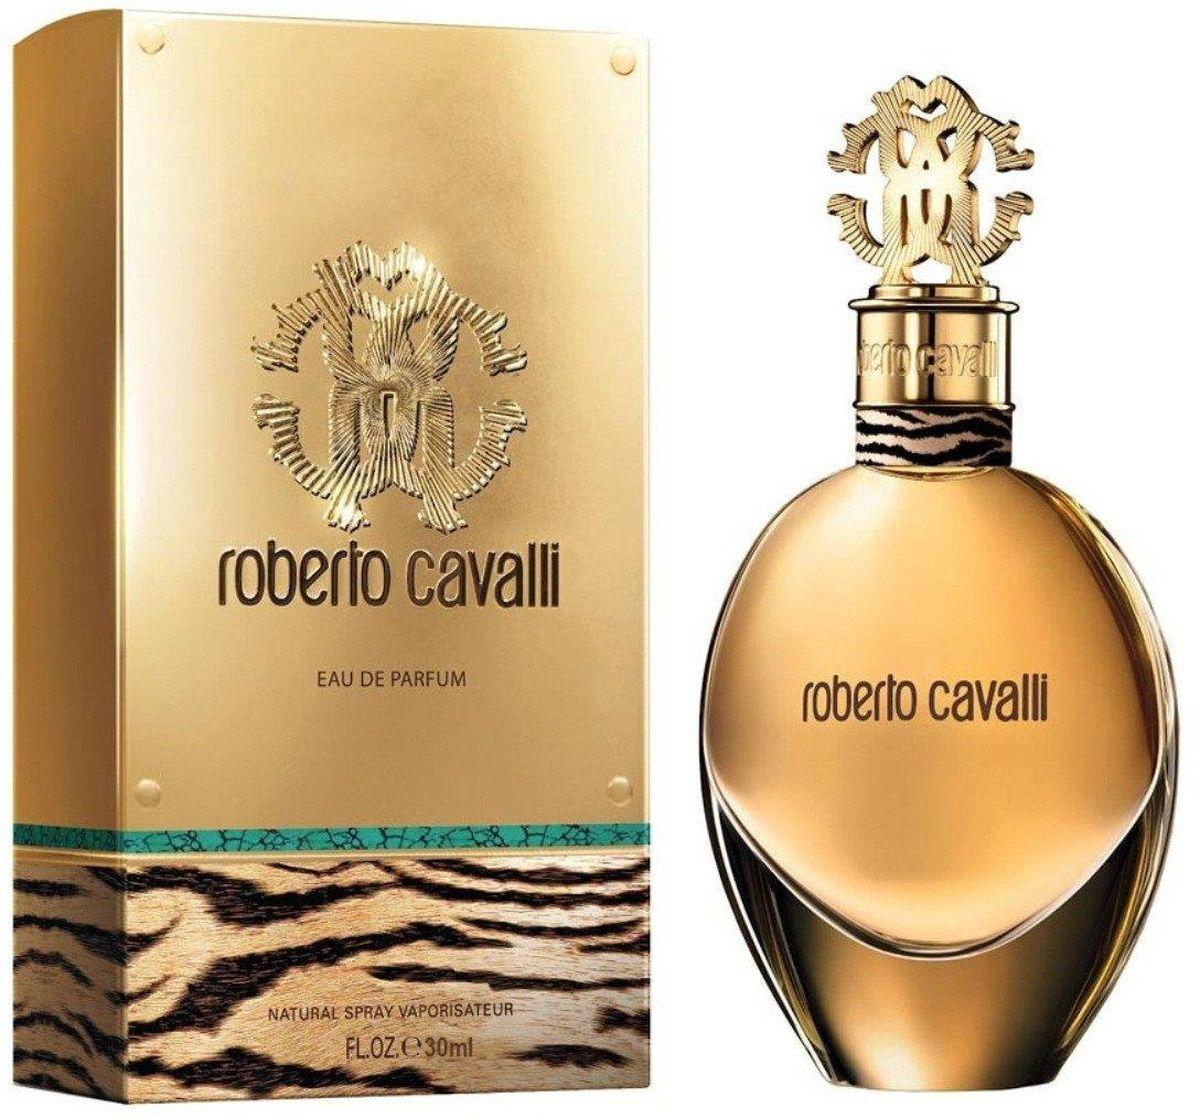 Roberto Cavalli Парфюмерная вода женская, 30 мл75001009000Аромат Roberto Cavalli сразу очаровывает дерзостью и сексуальностью. Он раскрывается пряными нотами розового перца, подчеркивая хищную сторону характера женщины. Основа аромата - женственные и нежные ноты цветка апельсинового дерева. Ноты тропических бобов тонка оставляют теплый, насыщенный, легкий миндально-ванильный шлейф.Краткий гид по парфюмерии: виды, ноты, ароматы, советы по выбору. Статья OZON Гид